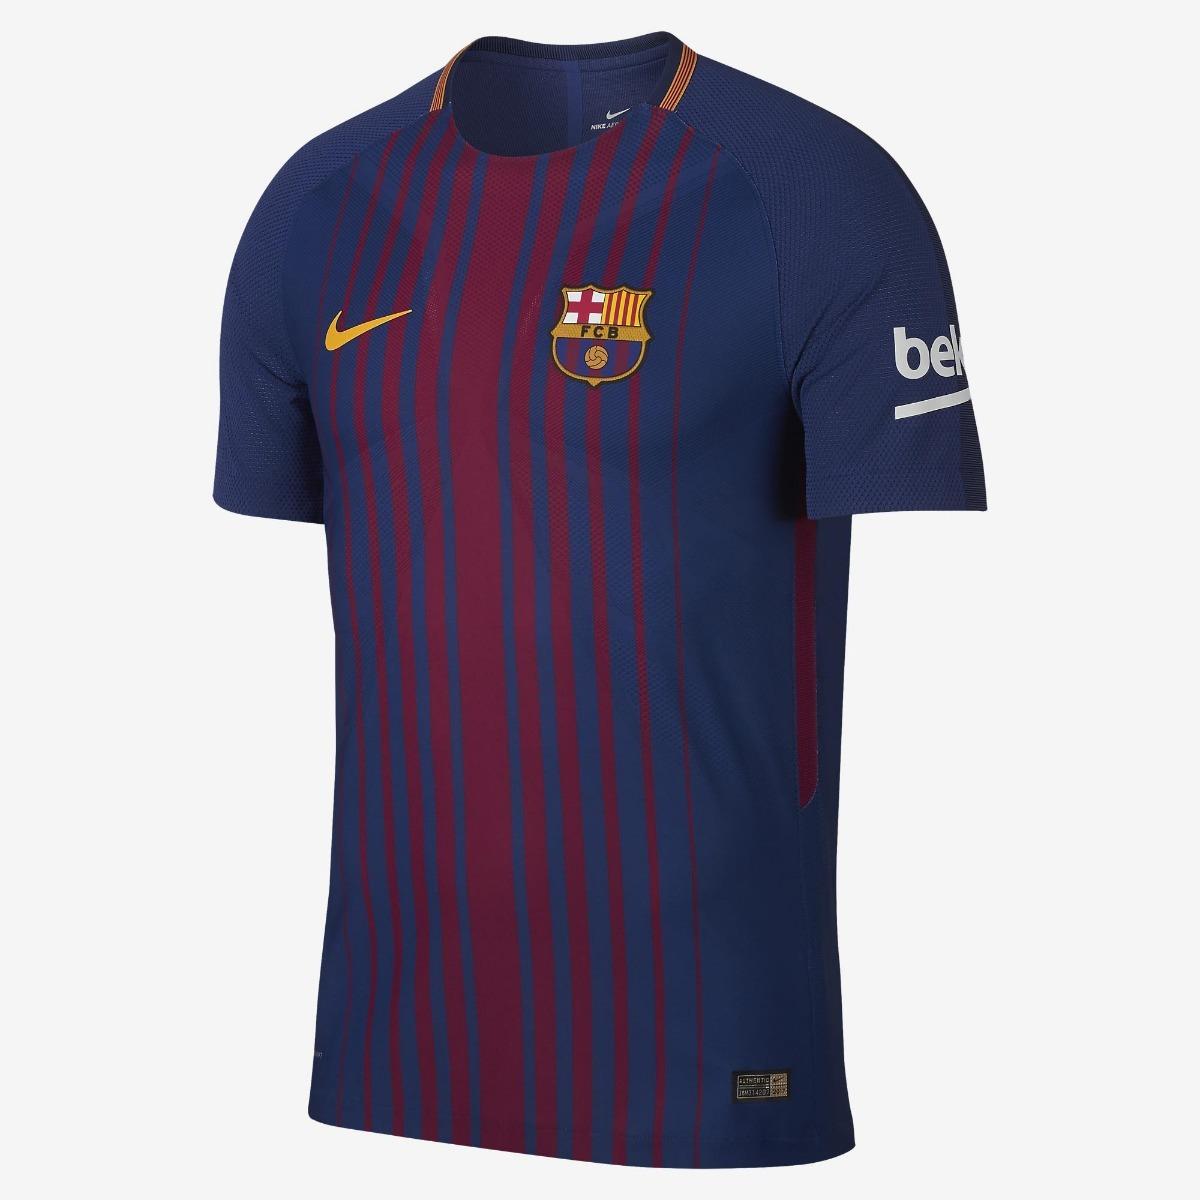 camisa barcelona nike 2017 2018 vapor jogador original. Carregando zoom. fa1723e127b42